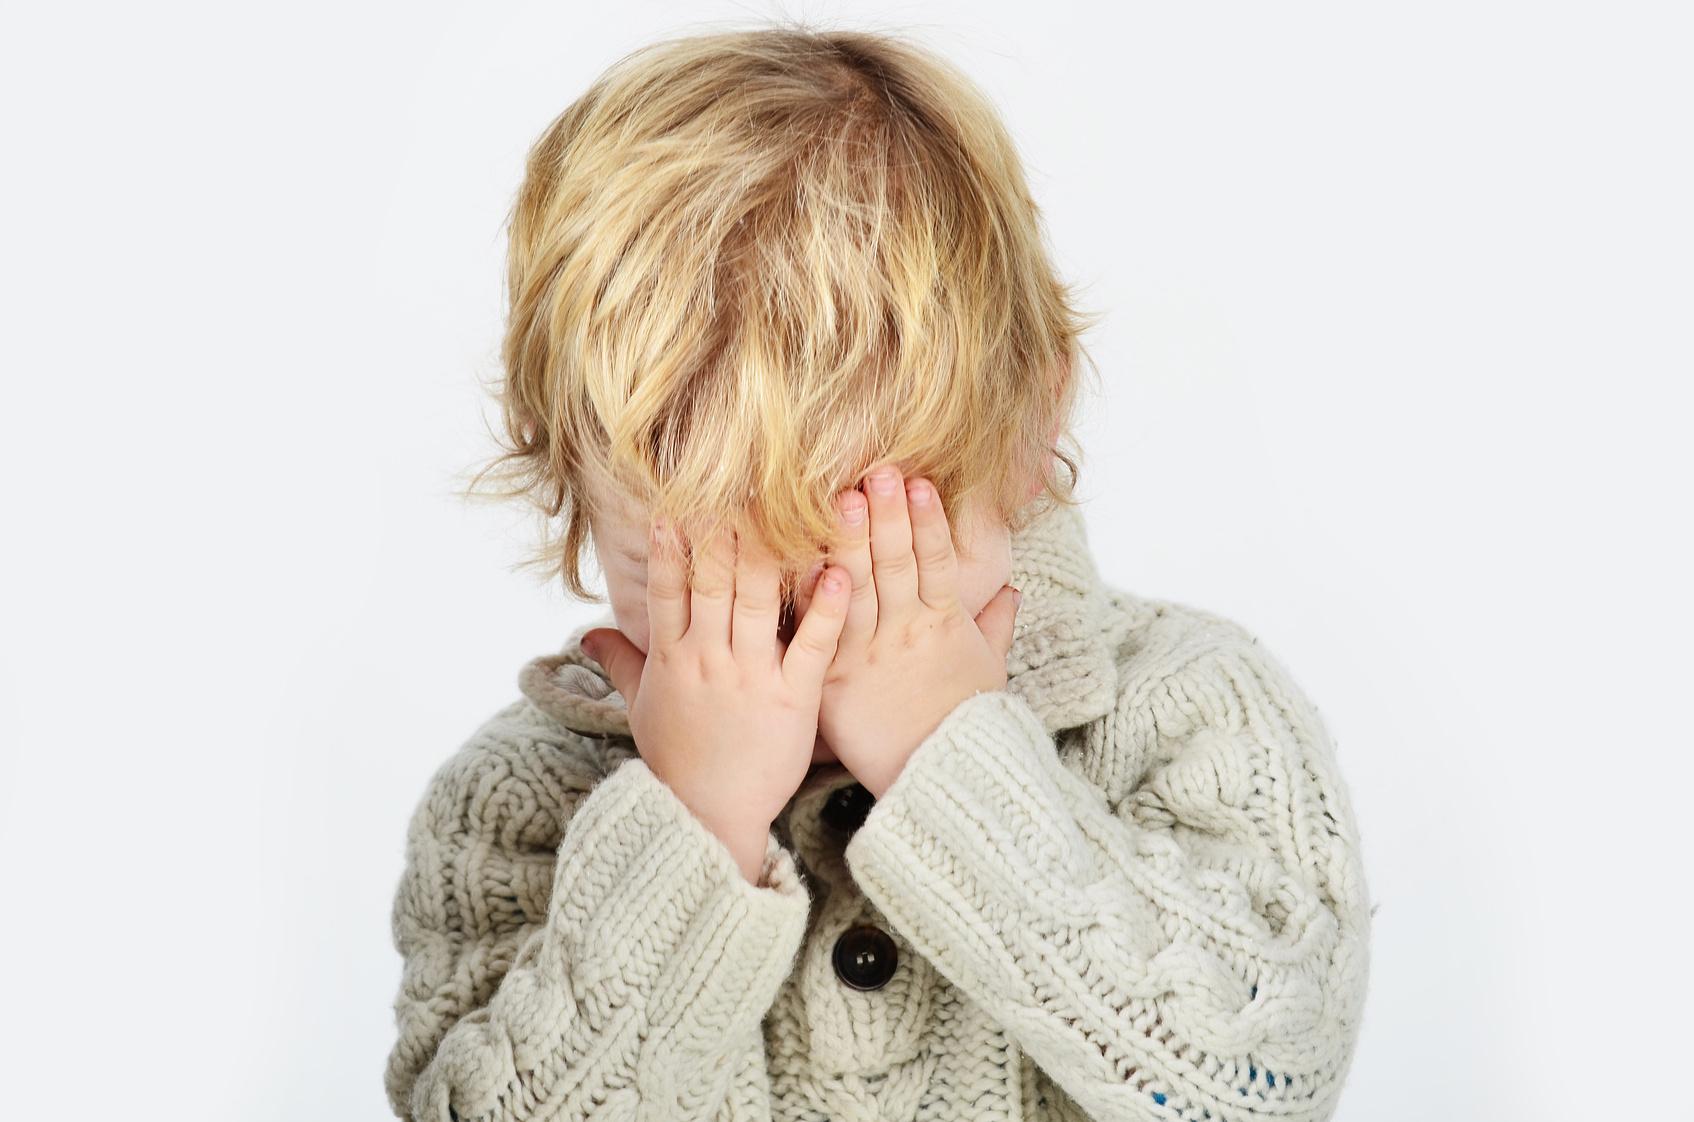 Weil die Eltern zu dumm sind - Sozialamt nimmt Kinder weg